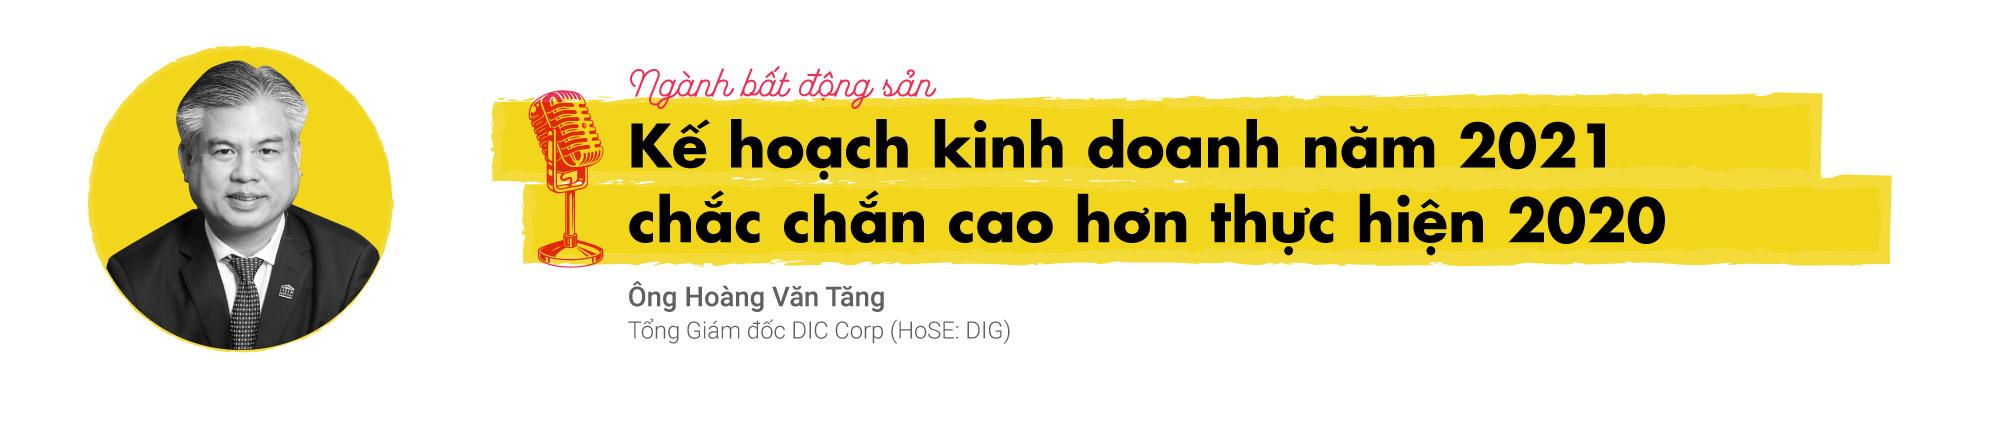 Ông Hoàng Văn Tăng